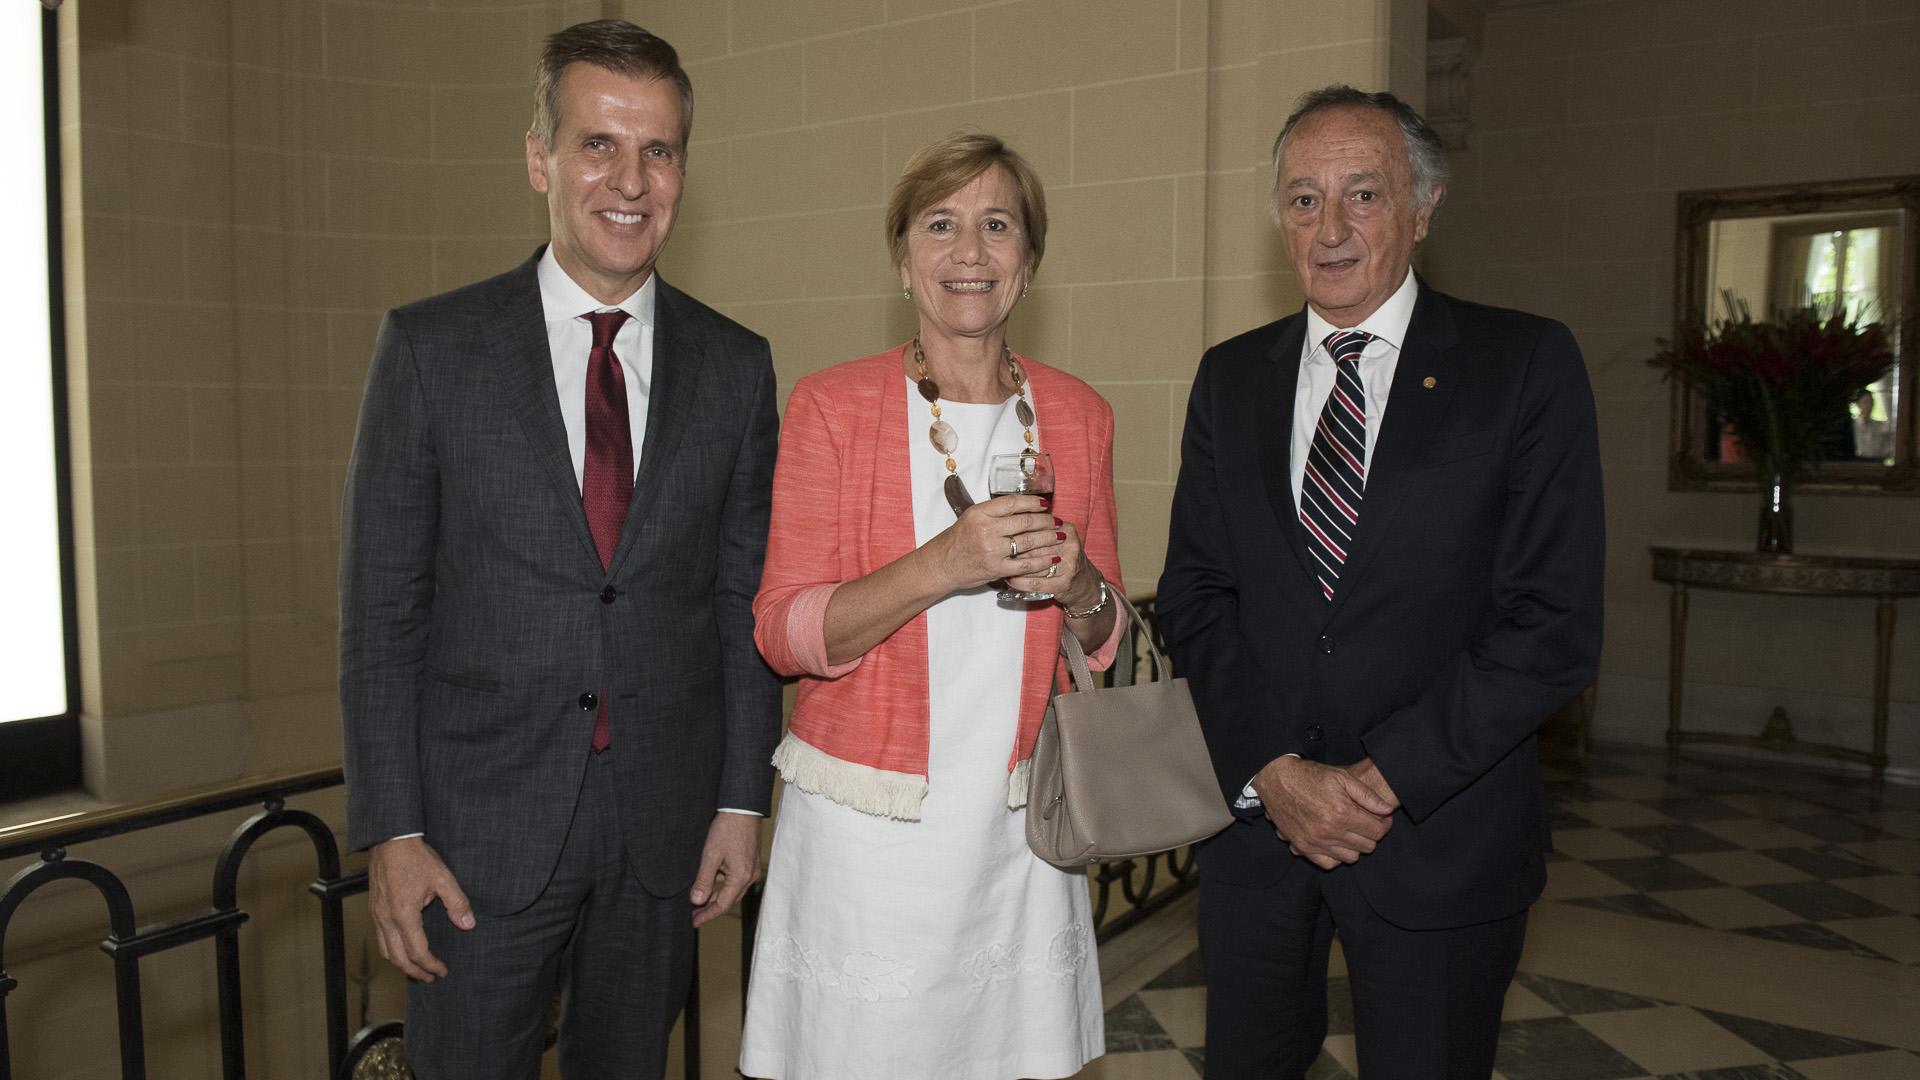 Martín Redrado, María José Sarmiento y Miguel Acevedo